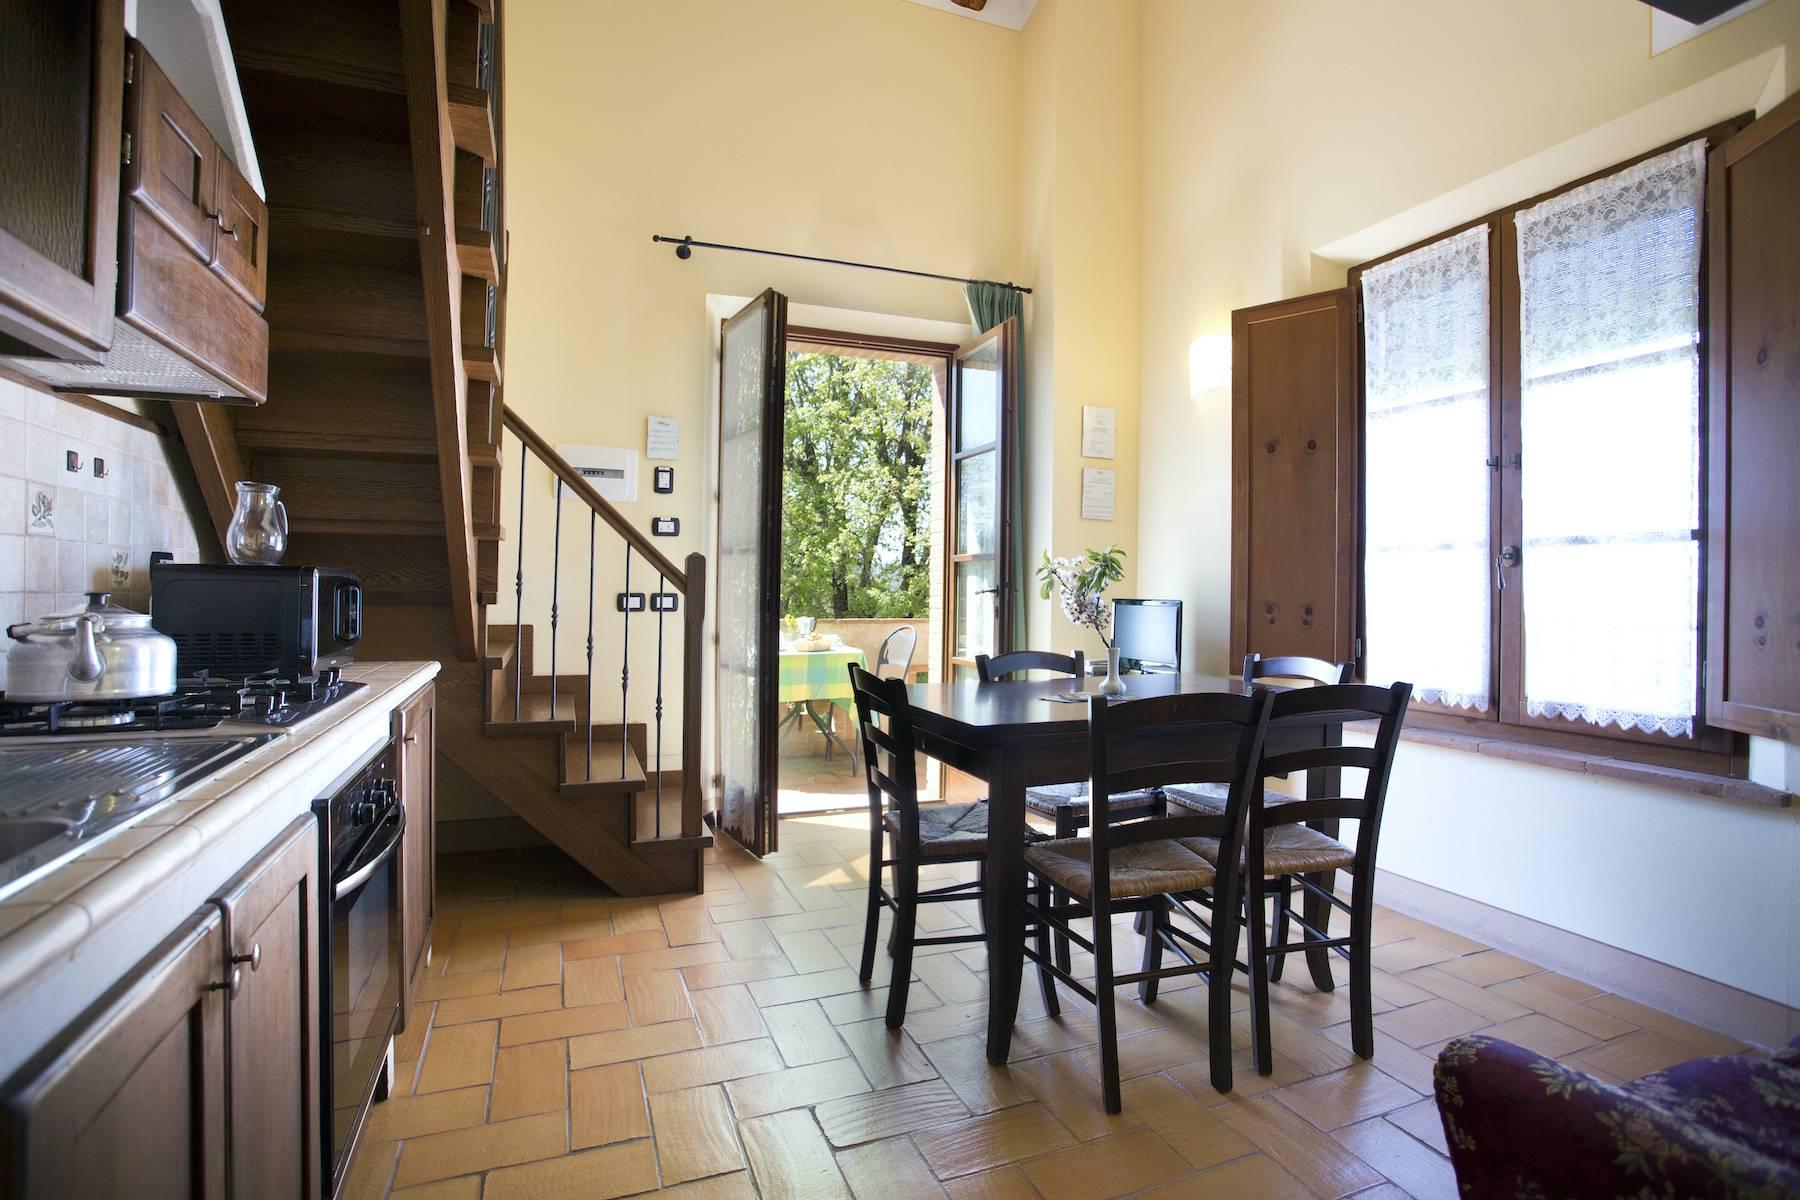 Rustico in Vendita a Montepulciano: 5 locali, 478 mq - Foto 9